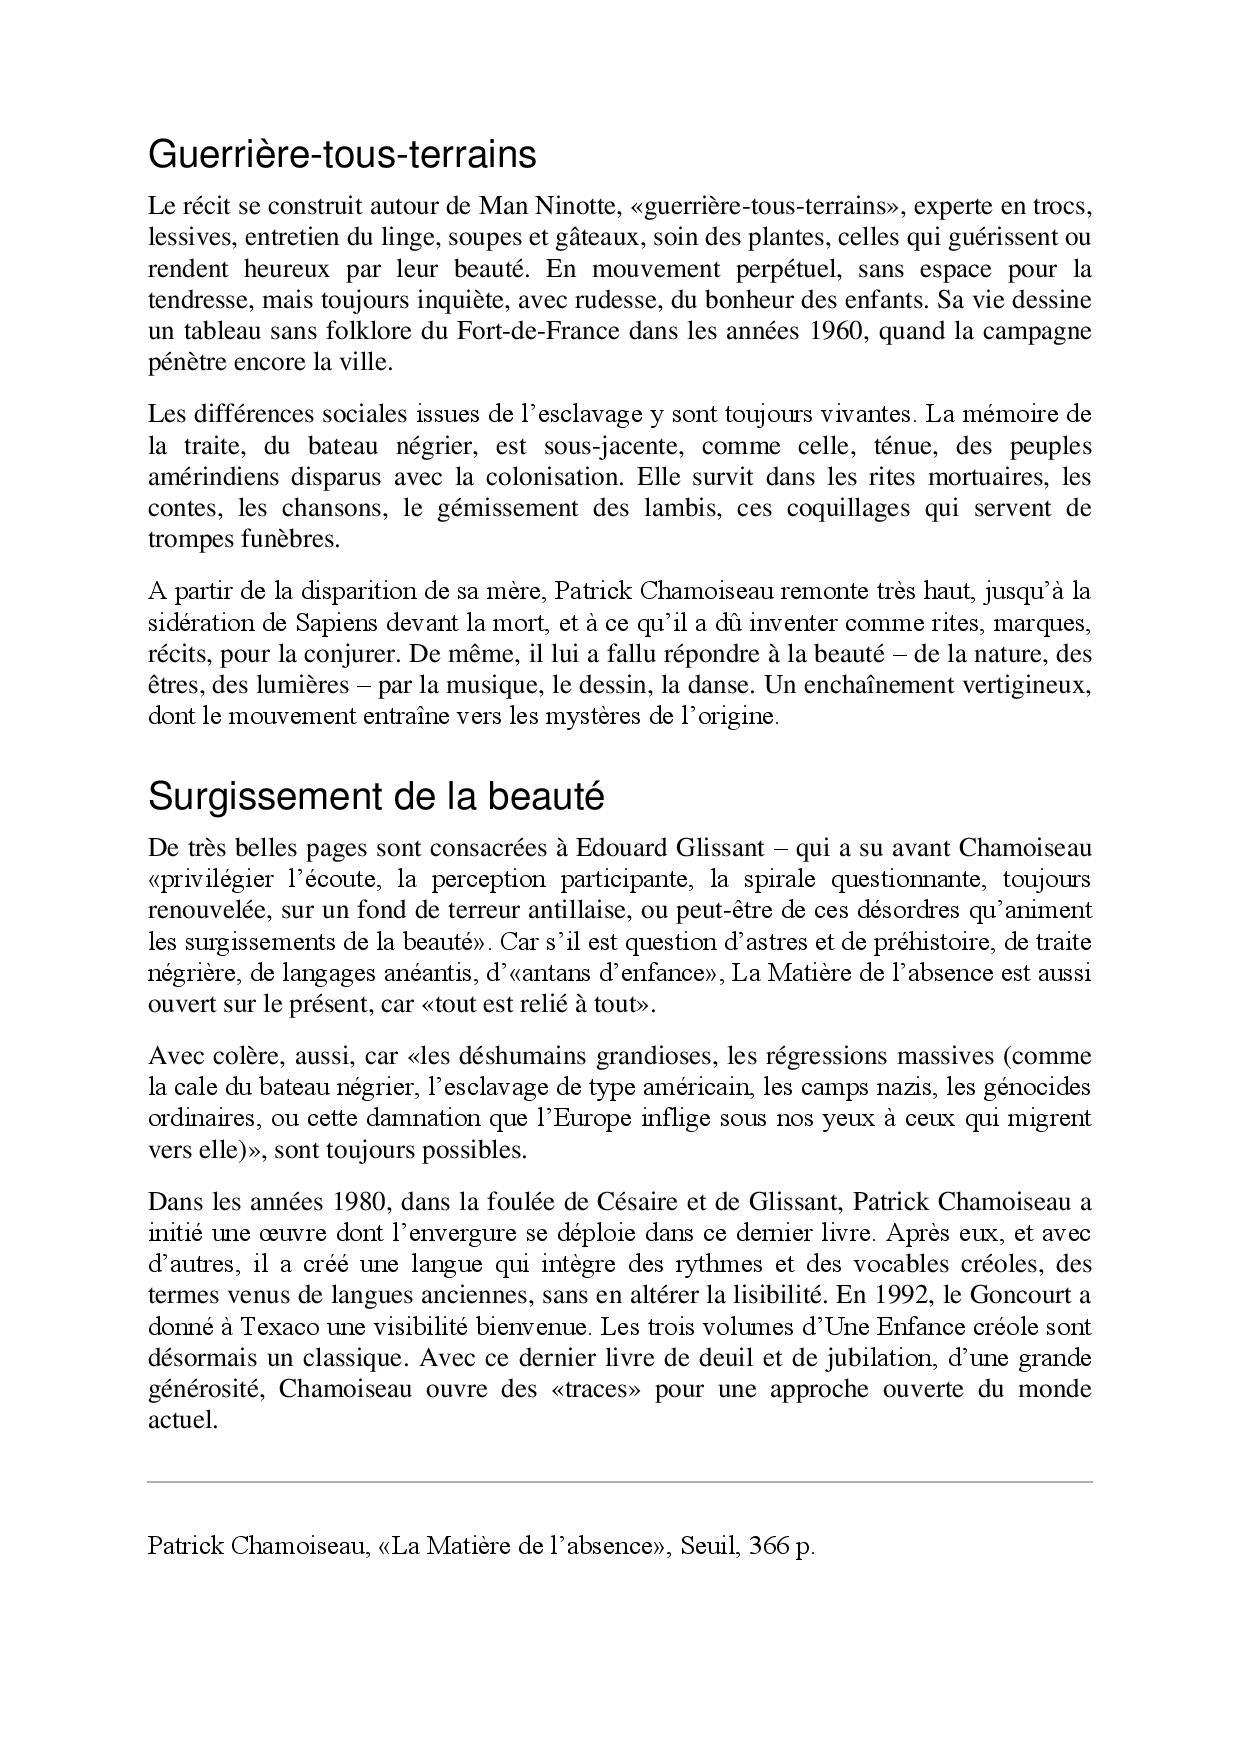 patrick-chamoiseau-compose-page-002